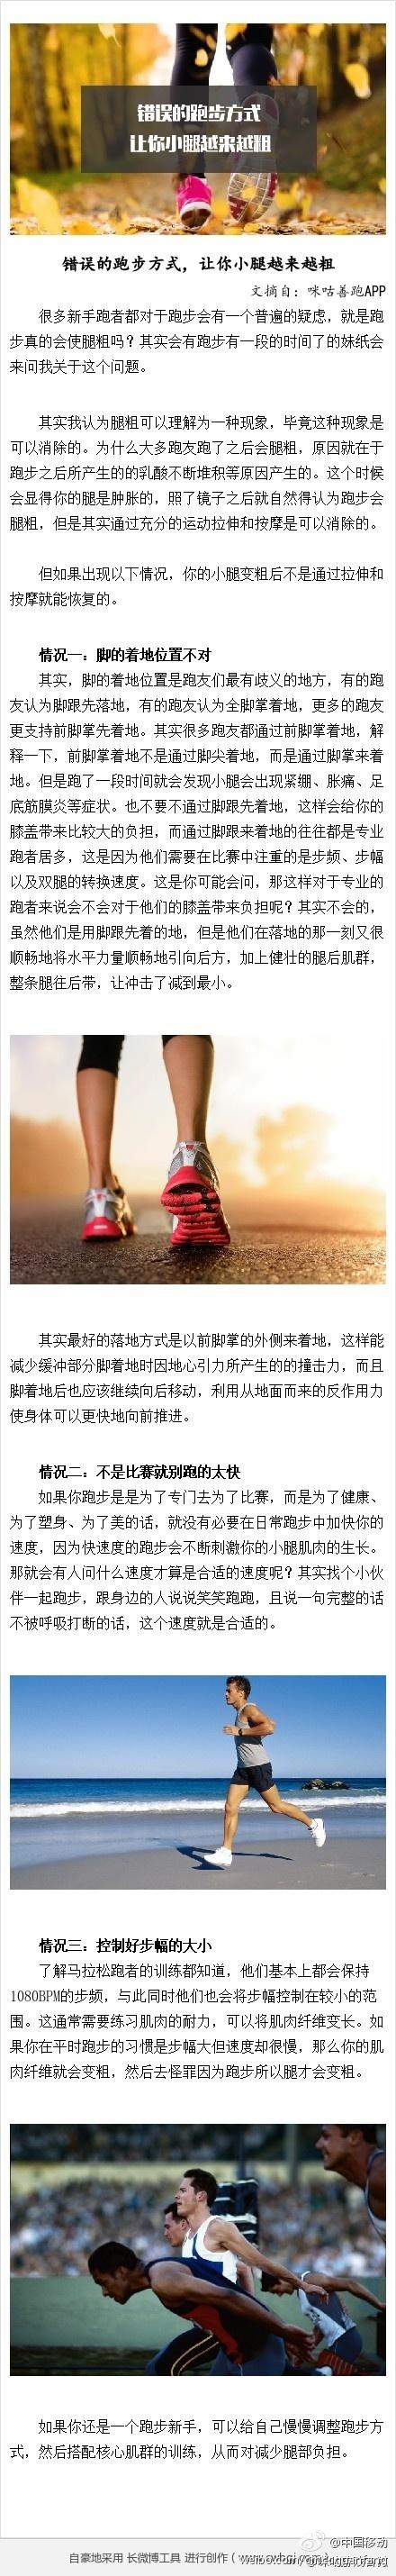 #小移贴士大讲堂# 为何有的人跑步,小腿会越变越粗呢? 